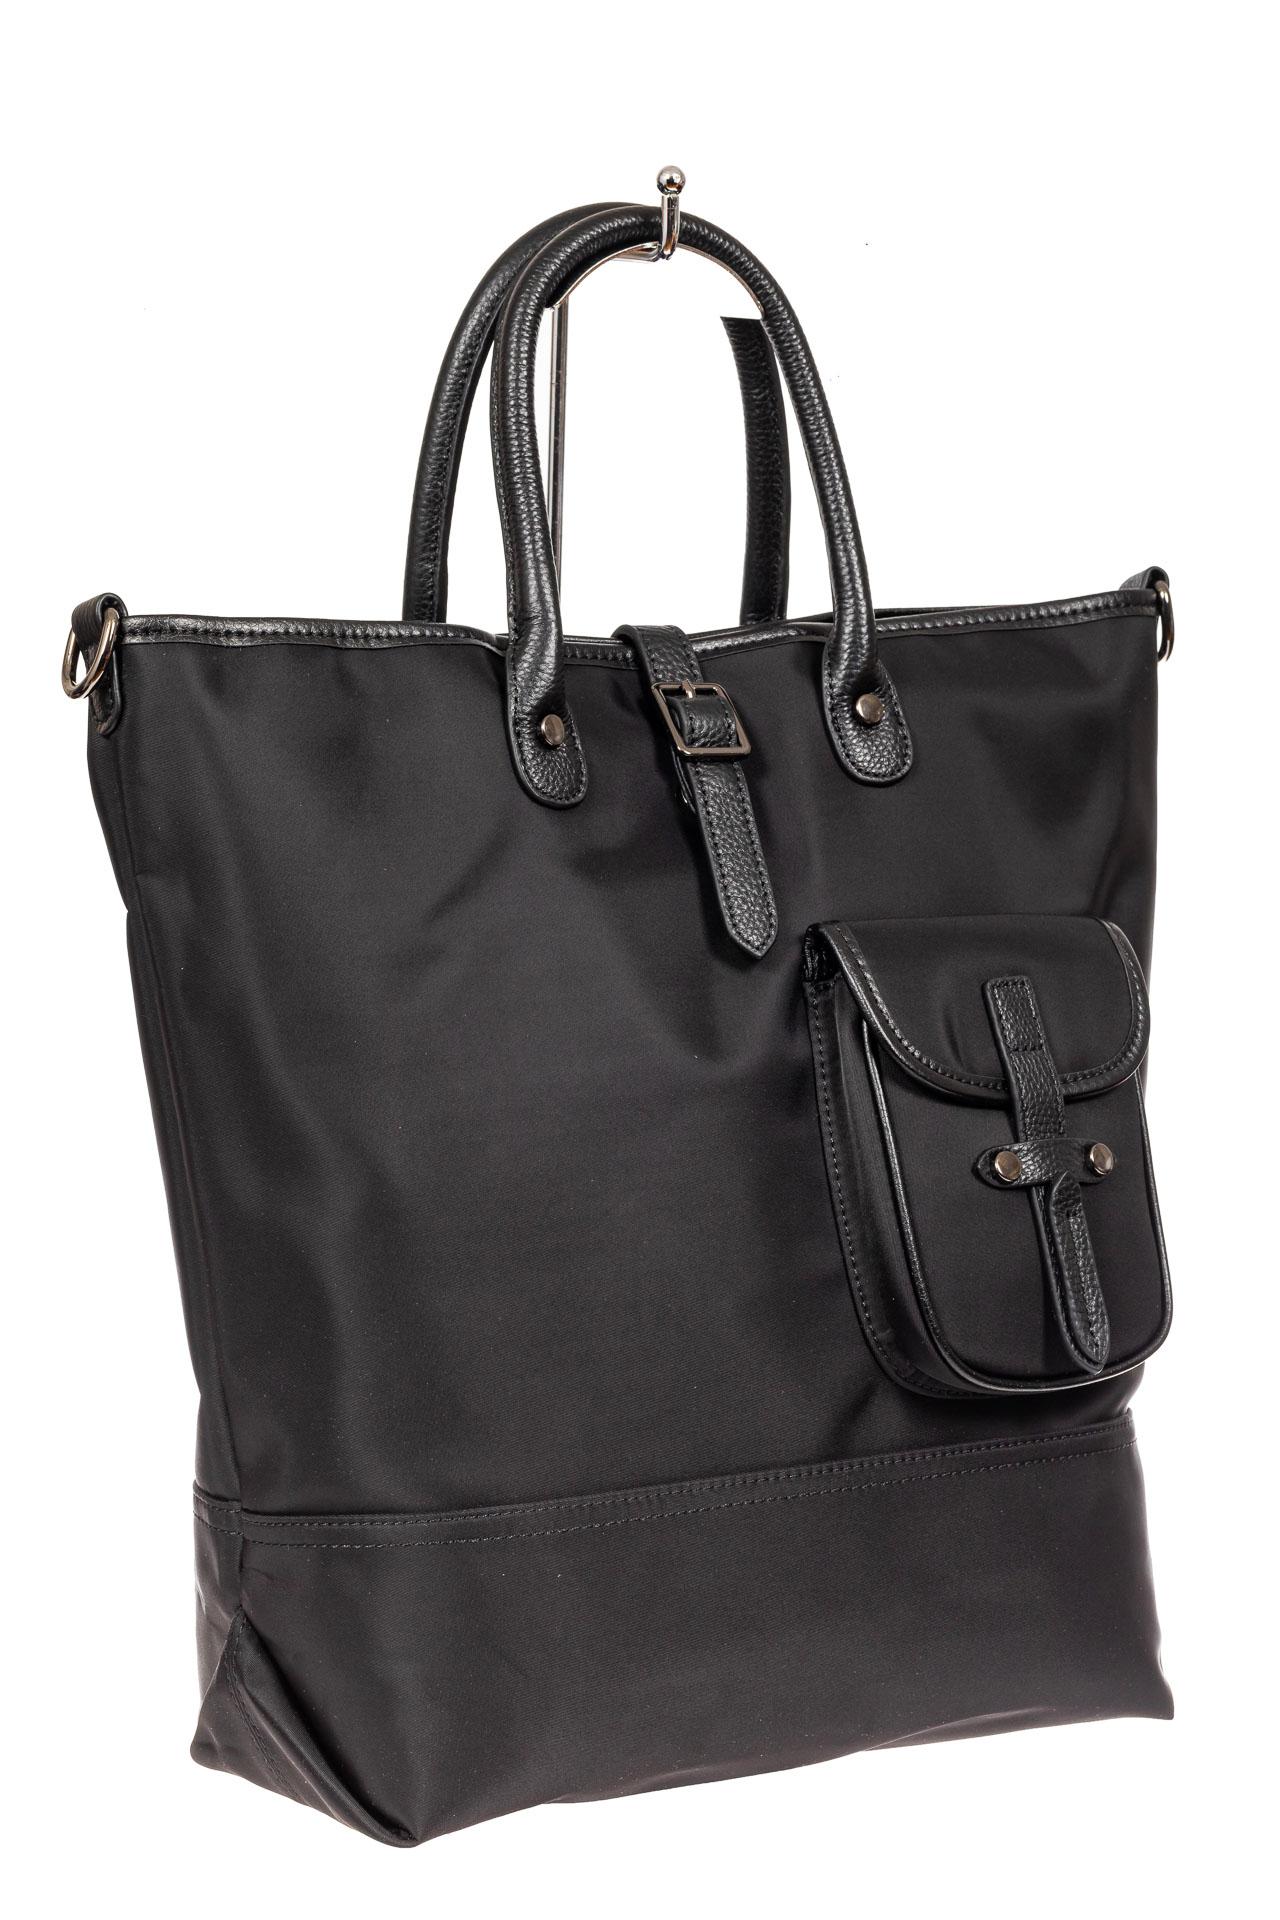 Текстильная женская сумка тоут, цвет черный7915NK0820/1